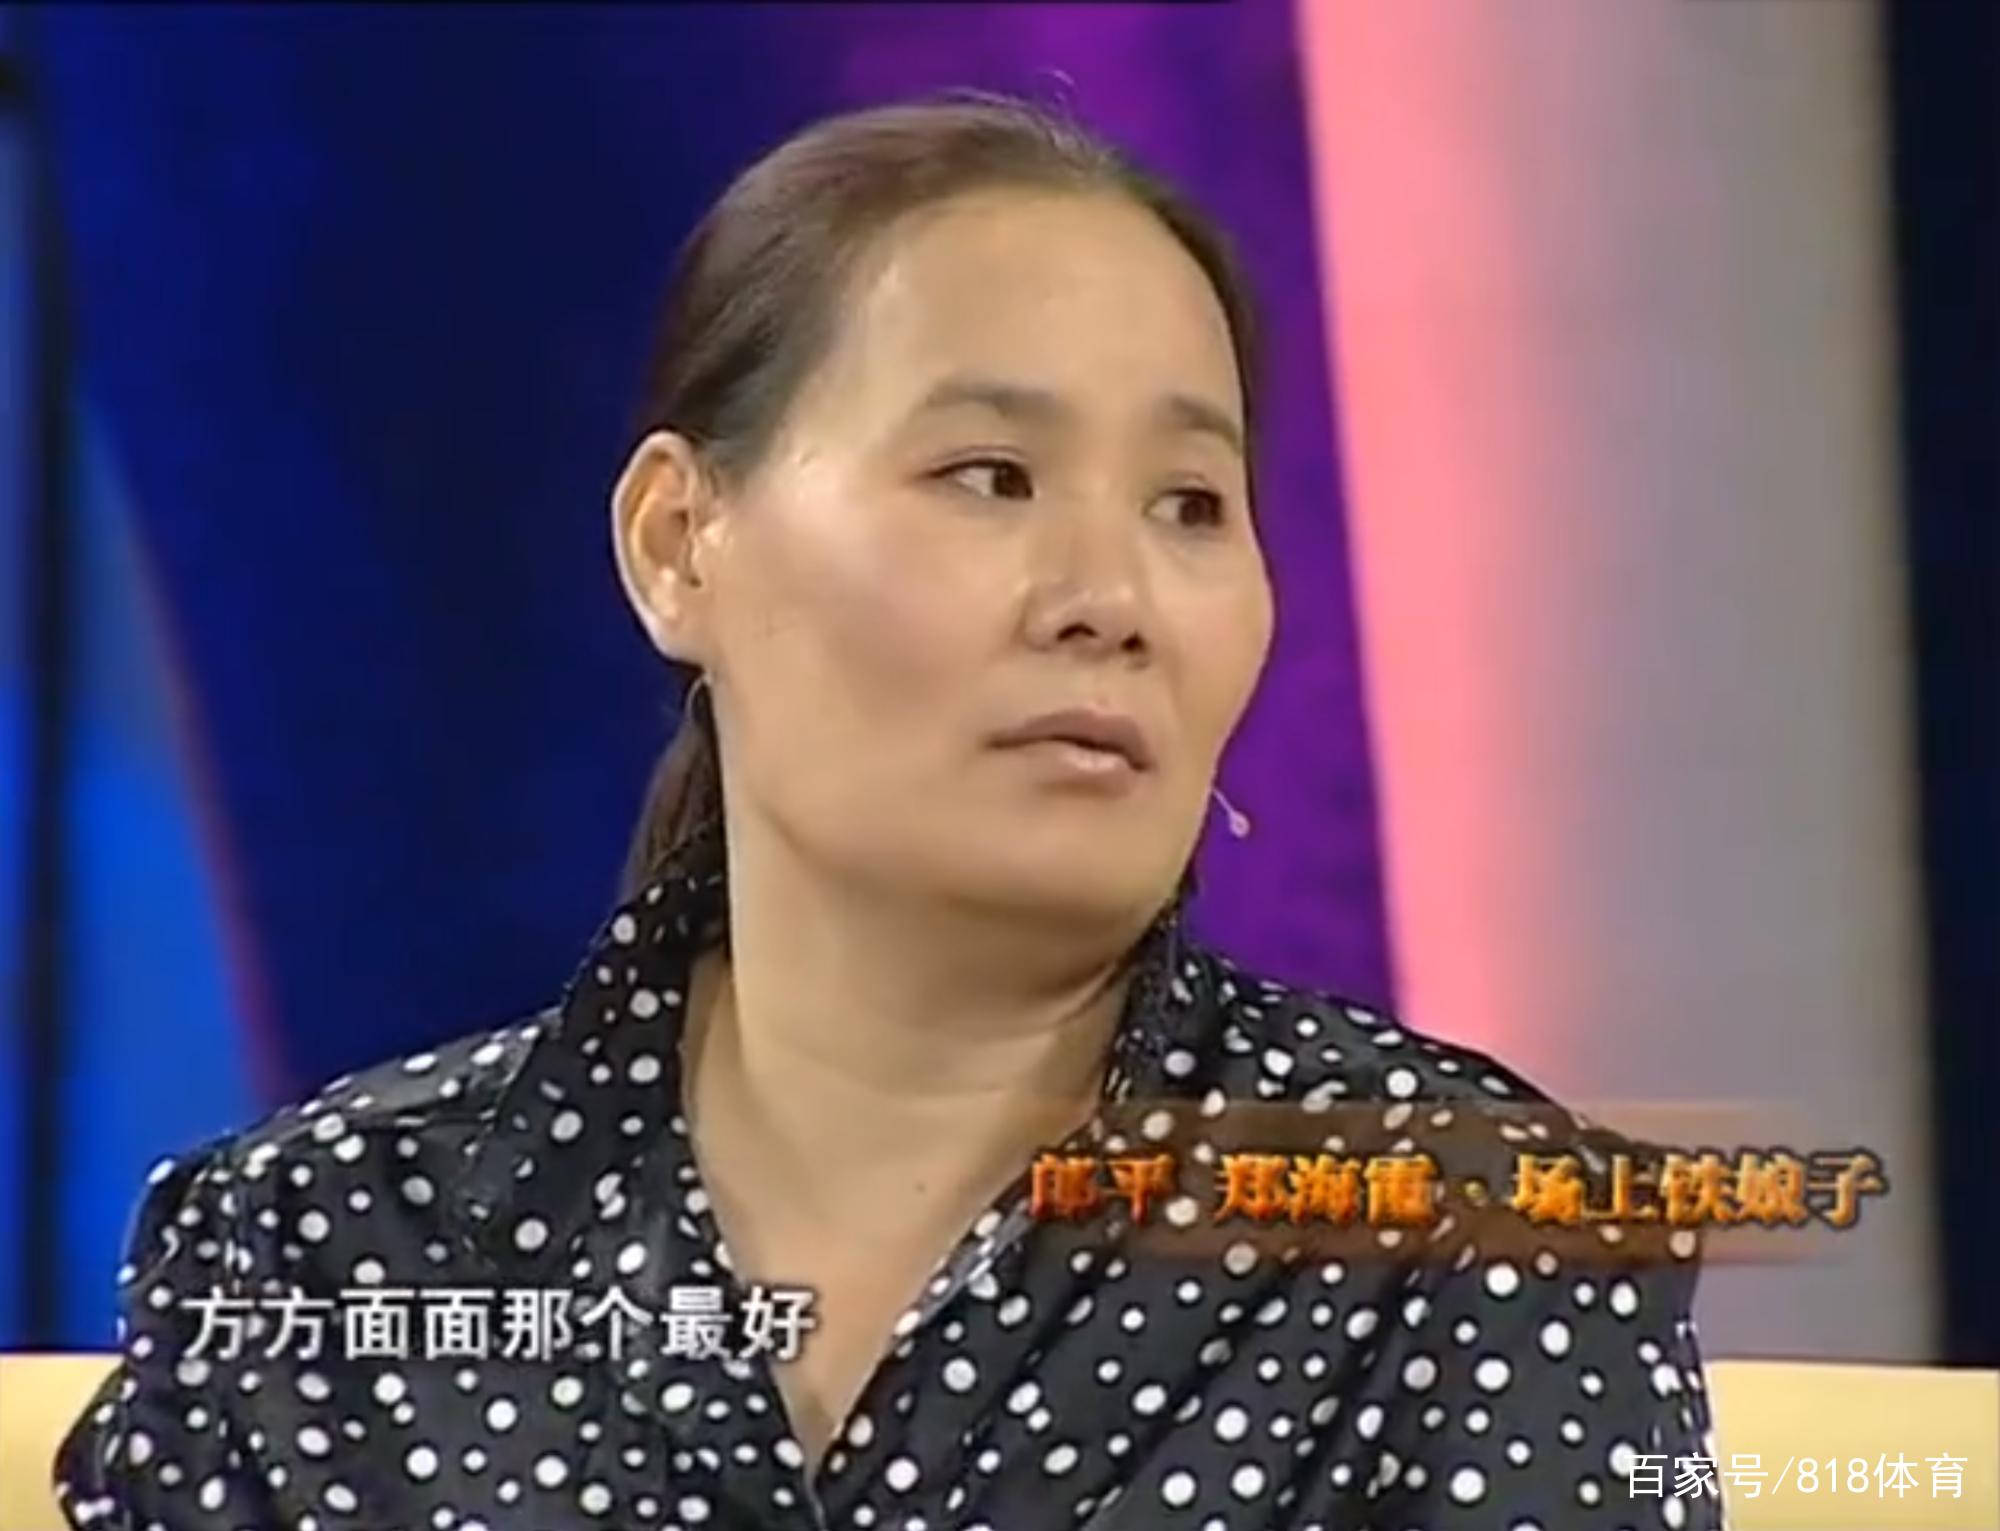 郑海霞后悔分手2米1初恋!对方不愿追随她北漂,她挂念他1年送8双鞋